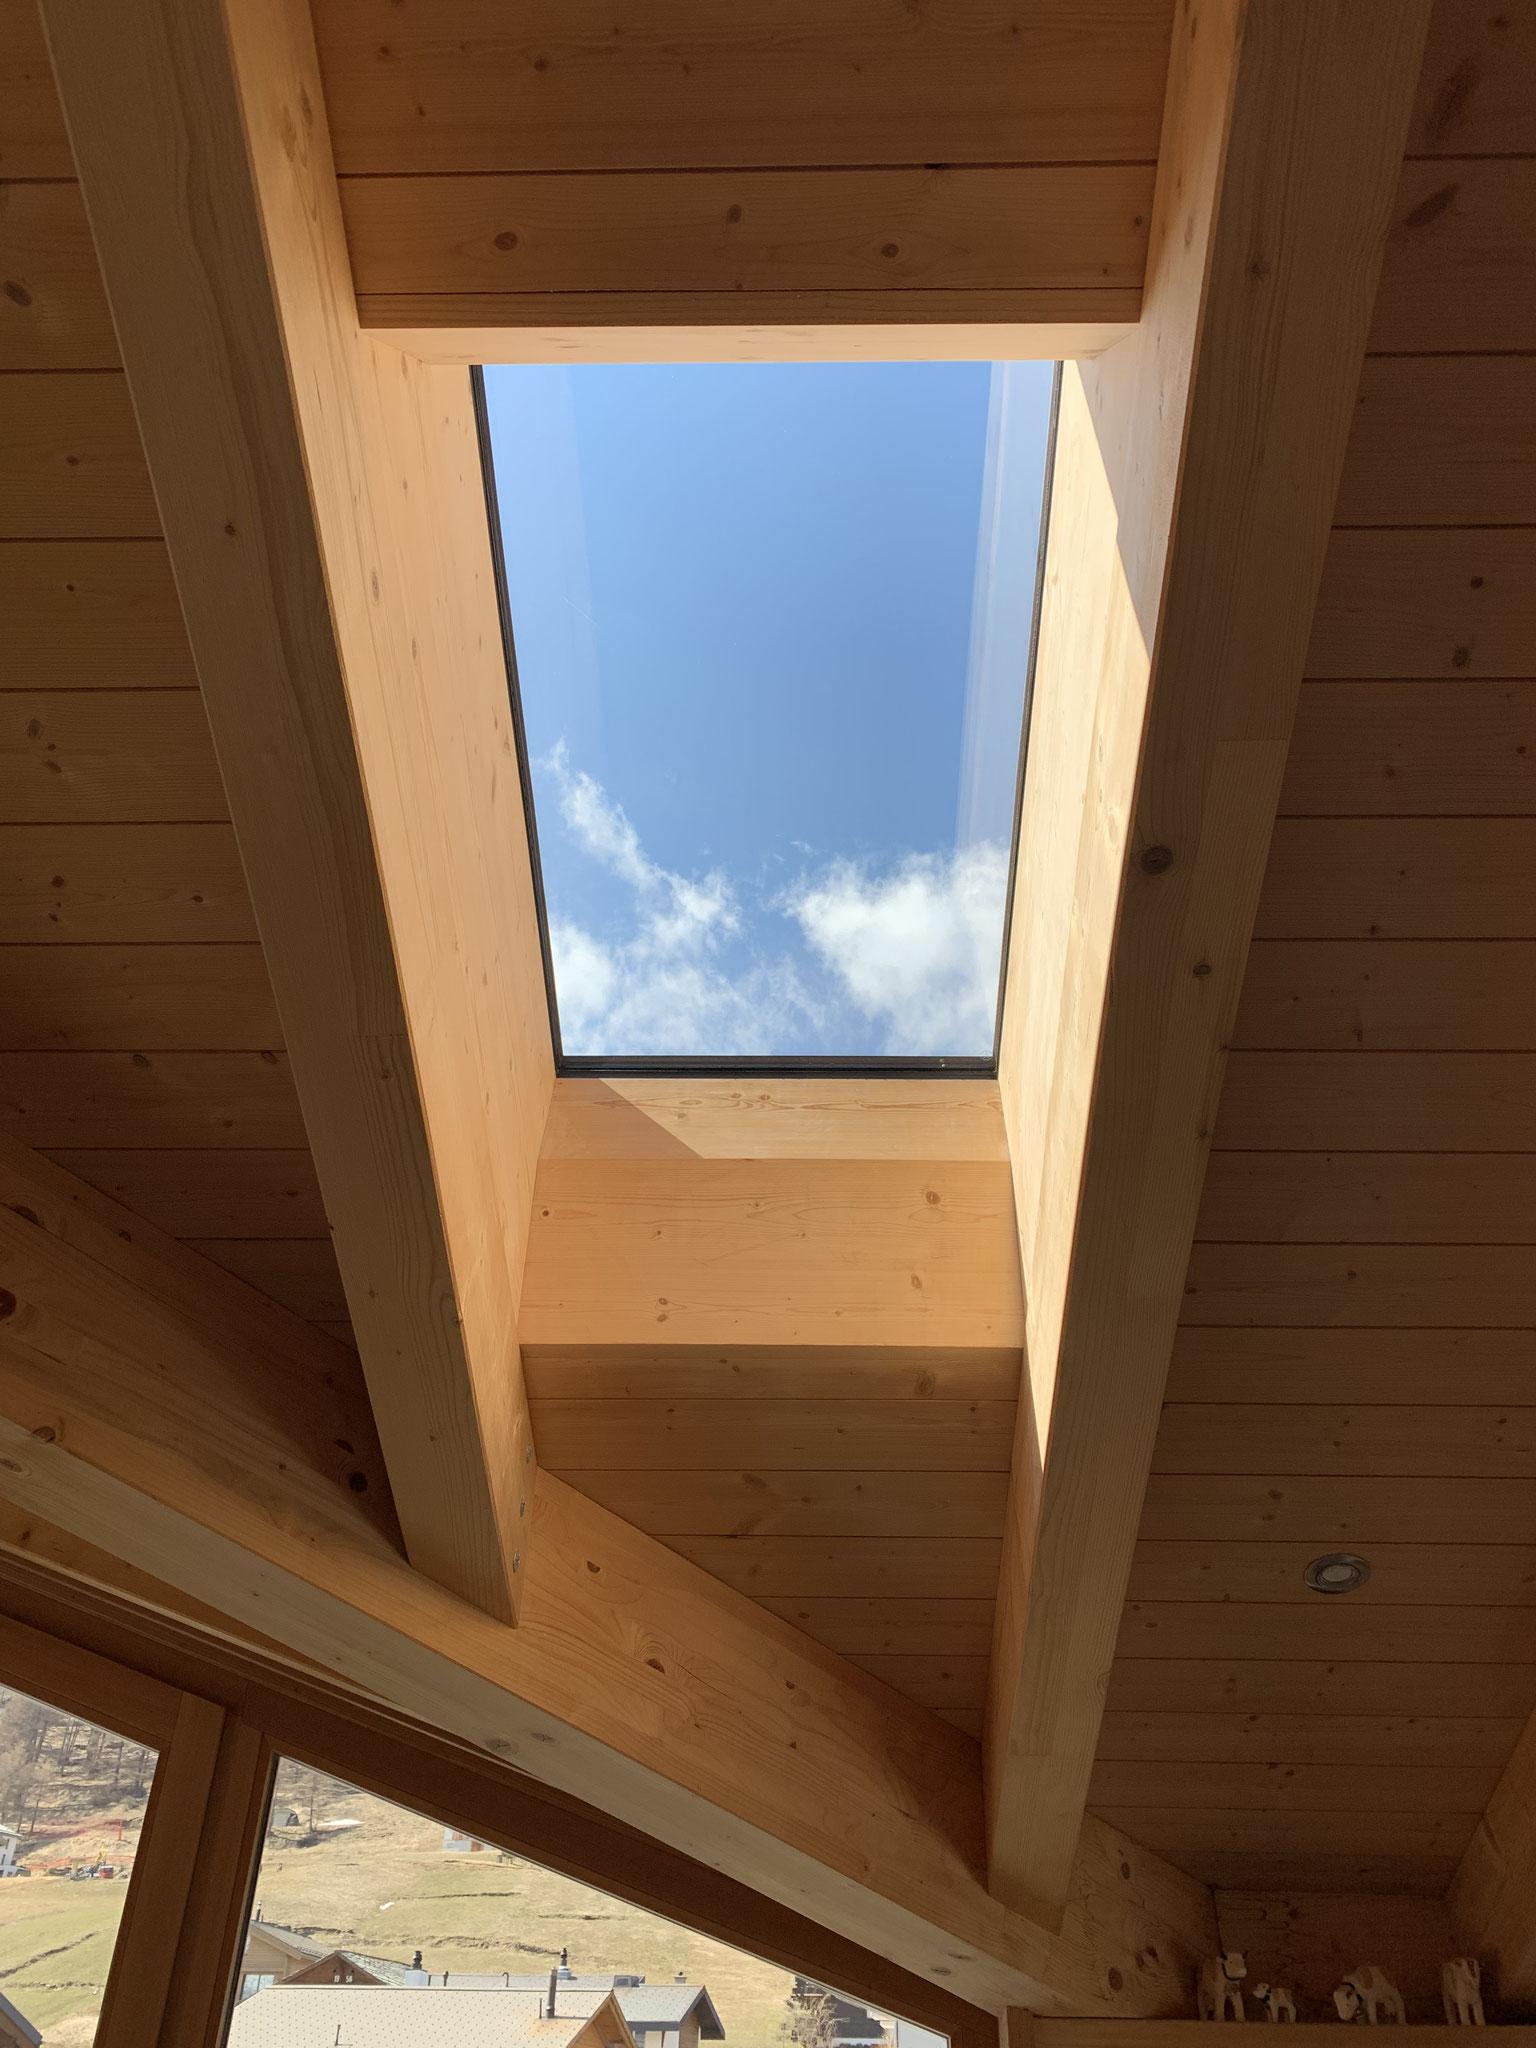 Dachfenster ohne Plissee ...